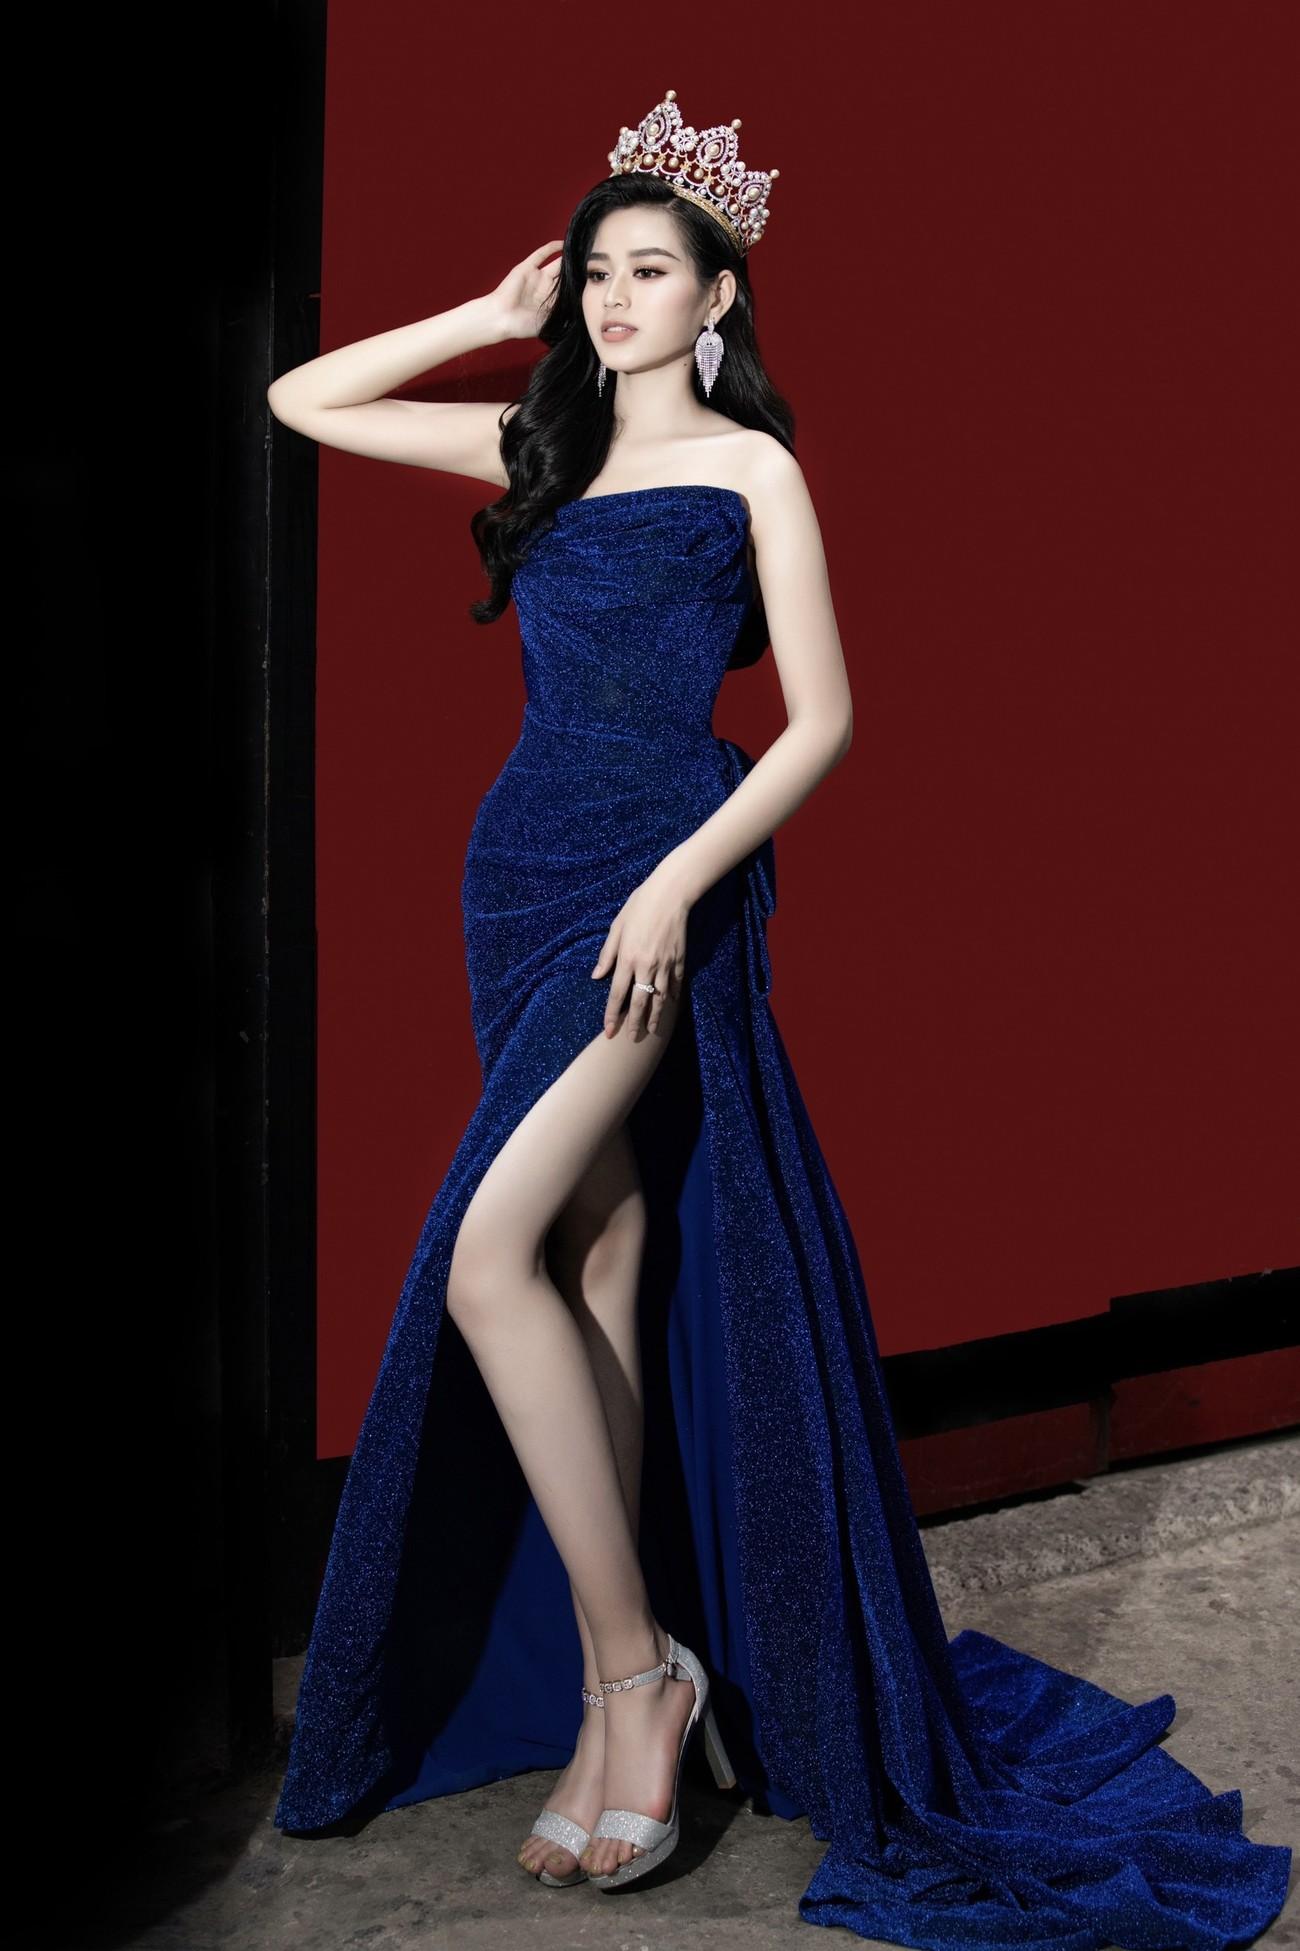 Hoa hậu Đỗ Thị Hà diện váy cúp ngực, xẻ cao khoe đôi chân 'cực phẩm' ảnh 2